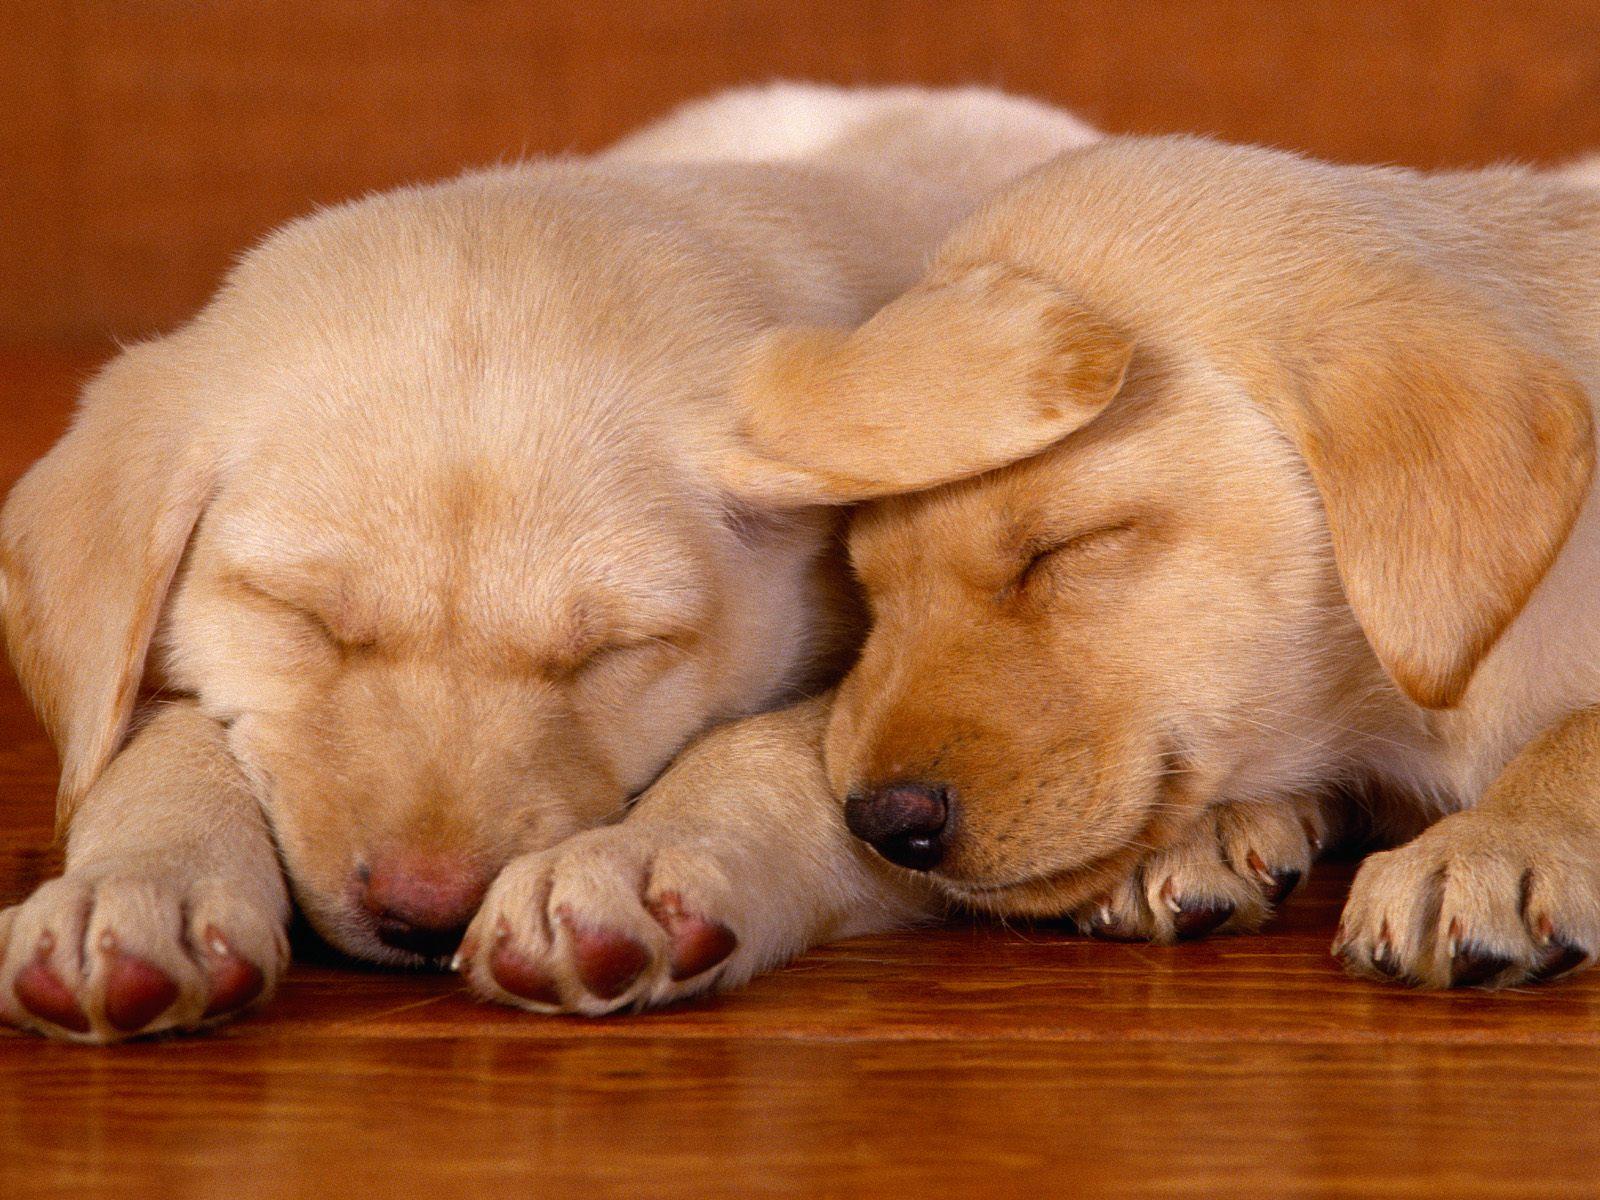 http://2.bp.blogspot.com/-8ZOe9NmZSUw/TqY5eFIC4KI/AAAAAAAABw8/G1-8HevXW1k/s1600/dogs-high-resolution-wallpaper-10.jpg